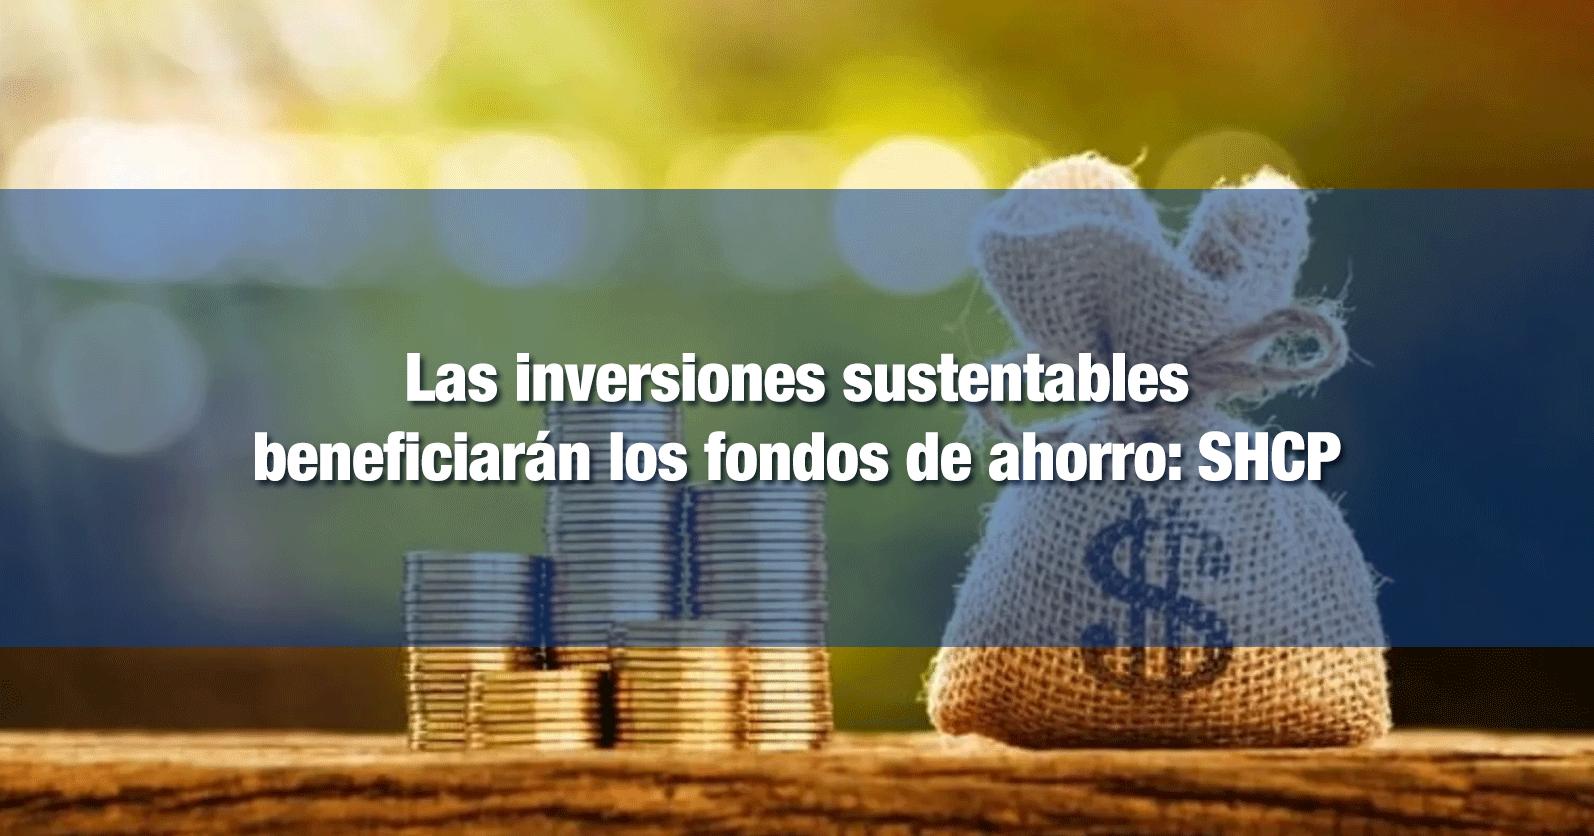 Las inversiones sustentables beneficiarán los fondos de ahorro: SHCP